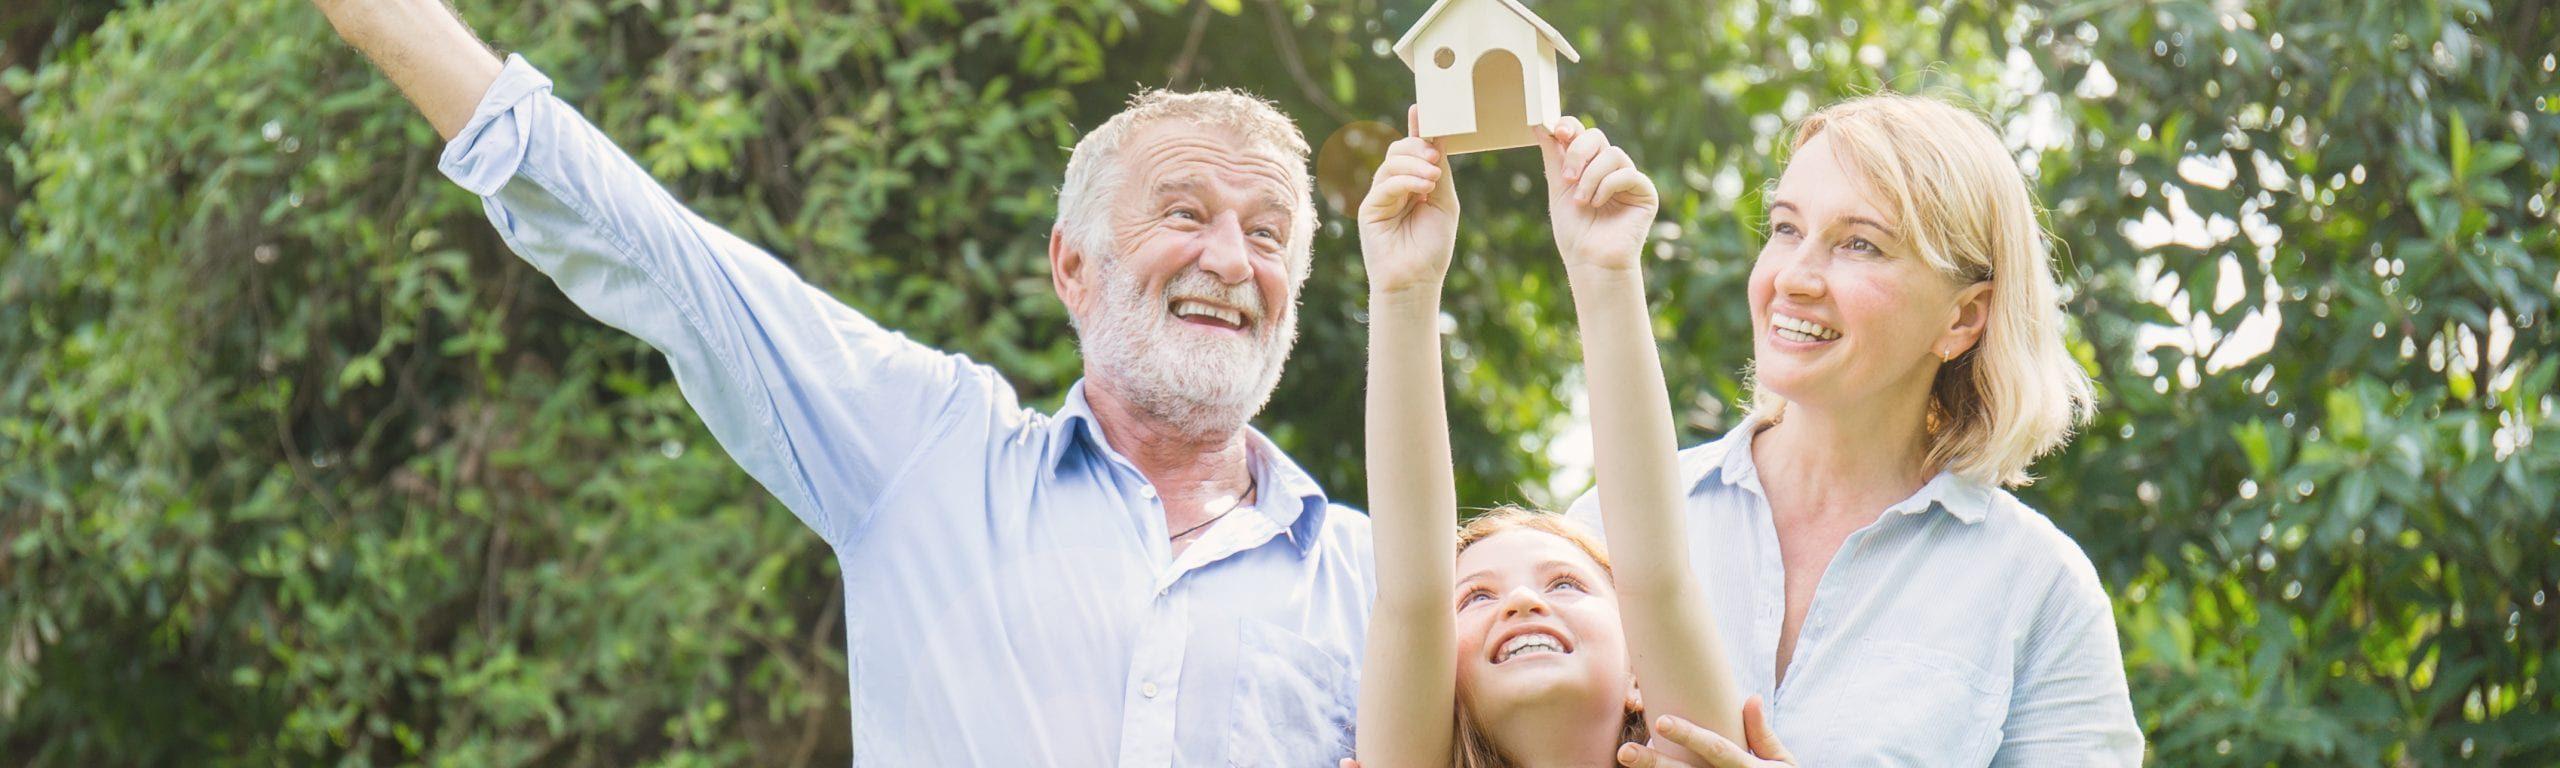 Glückliche Familie steht im Garten und hält ein Hausmodell in die Höhe.